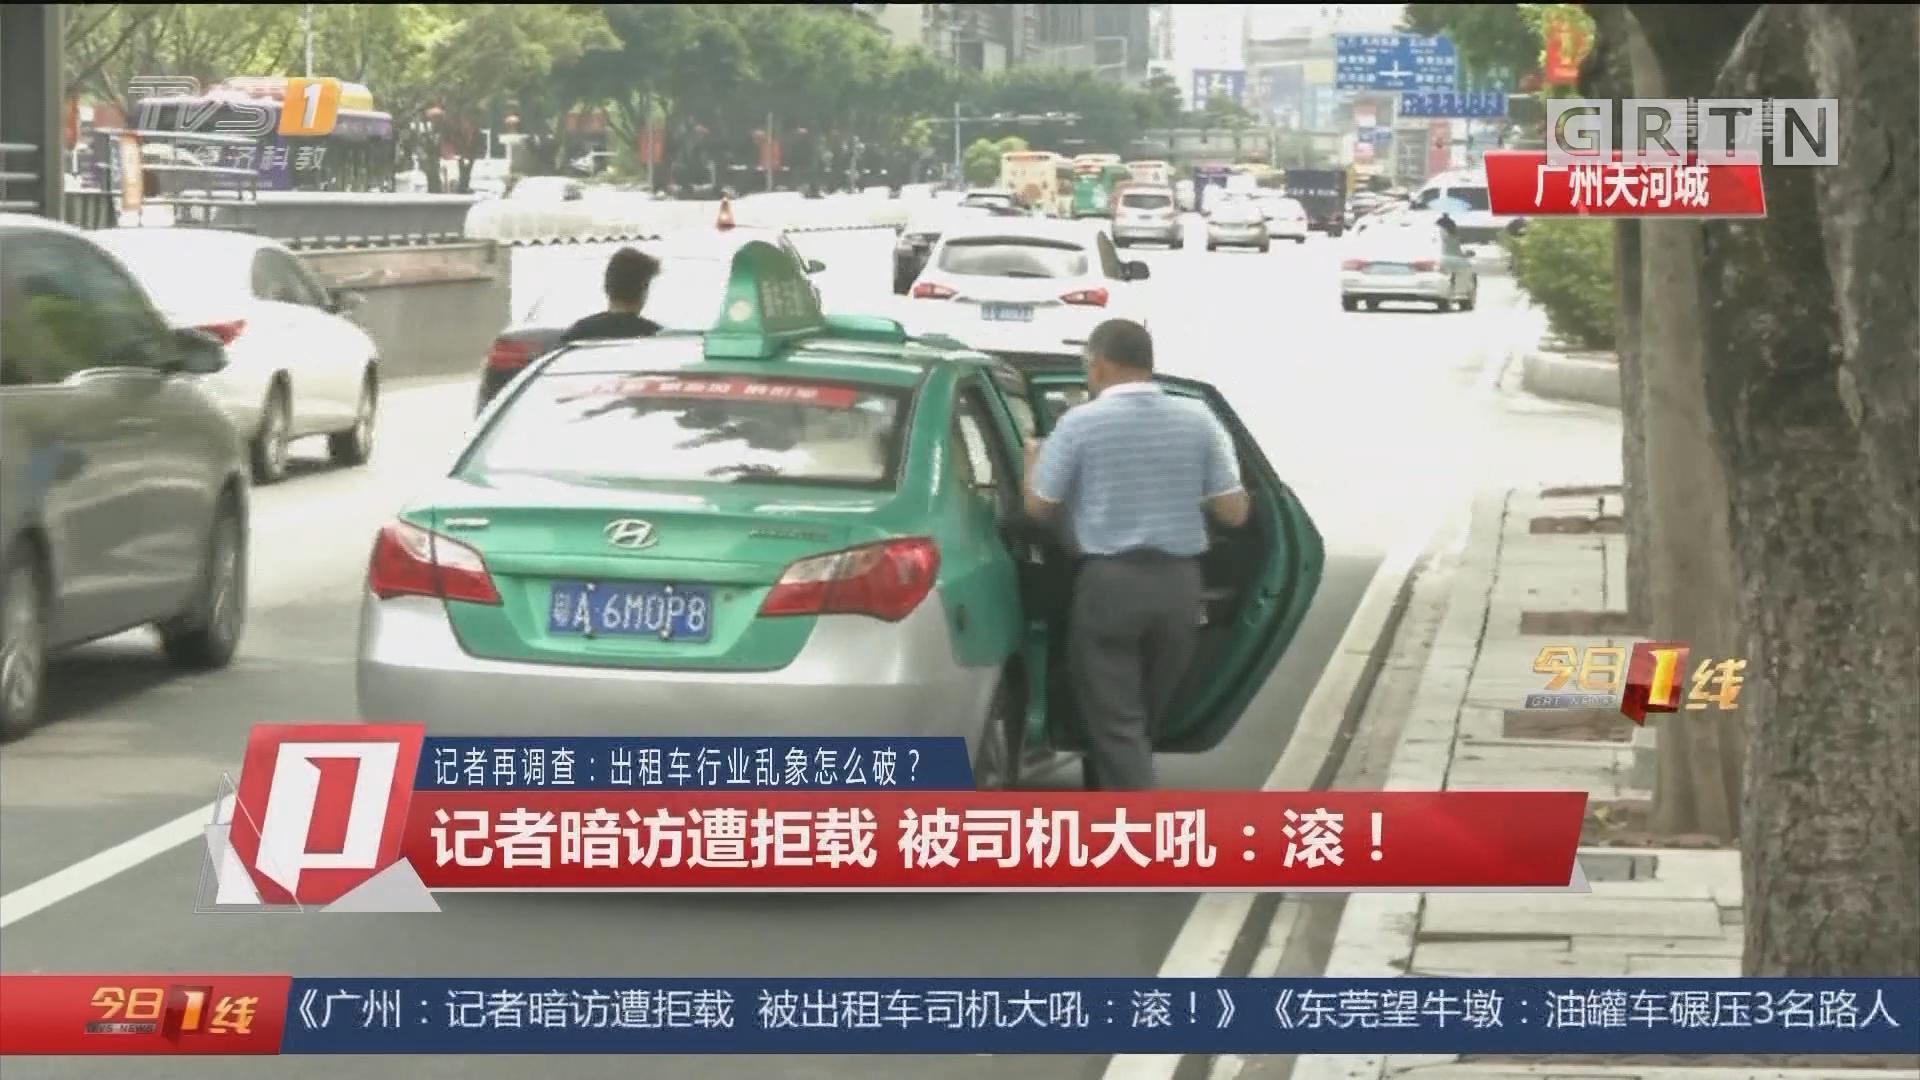 记者再调查:出租车行业乱象怎么破?记者暗访遭拒载 被司机大吼:滚!